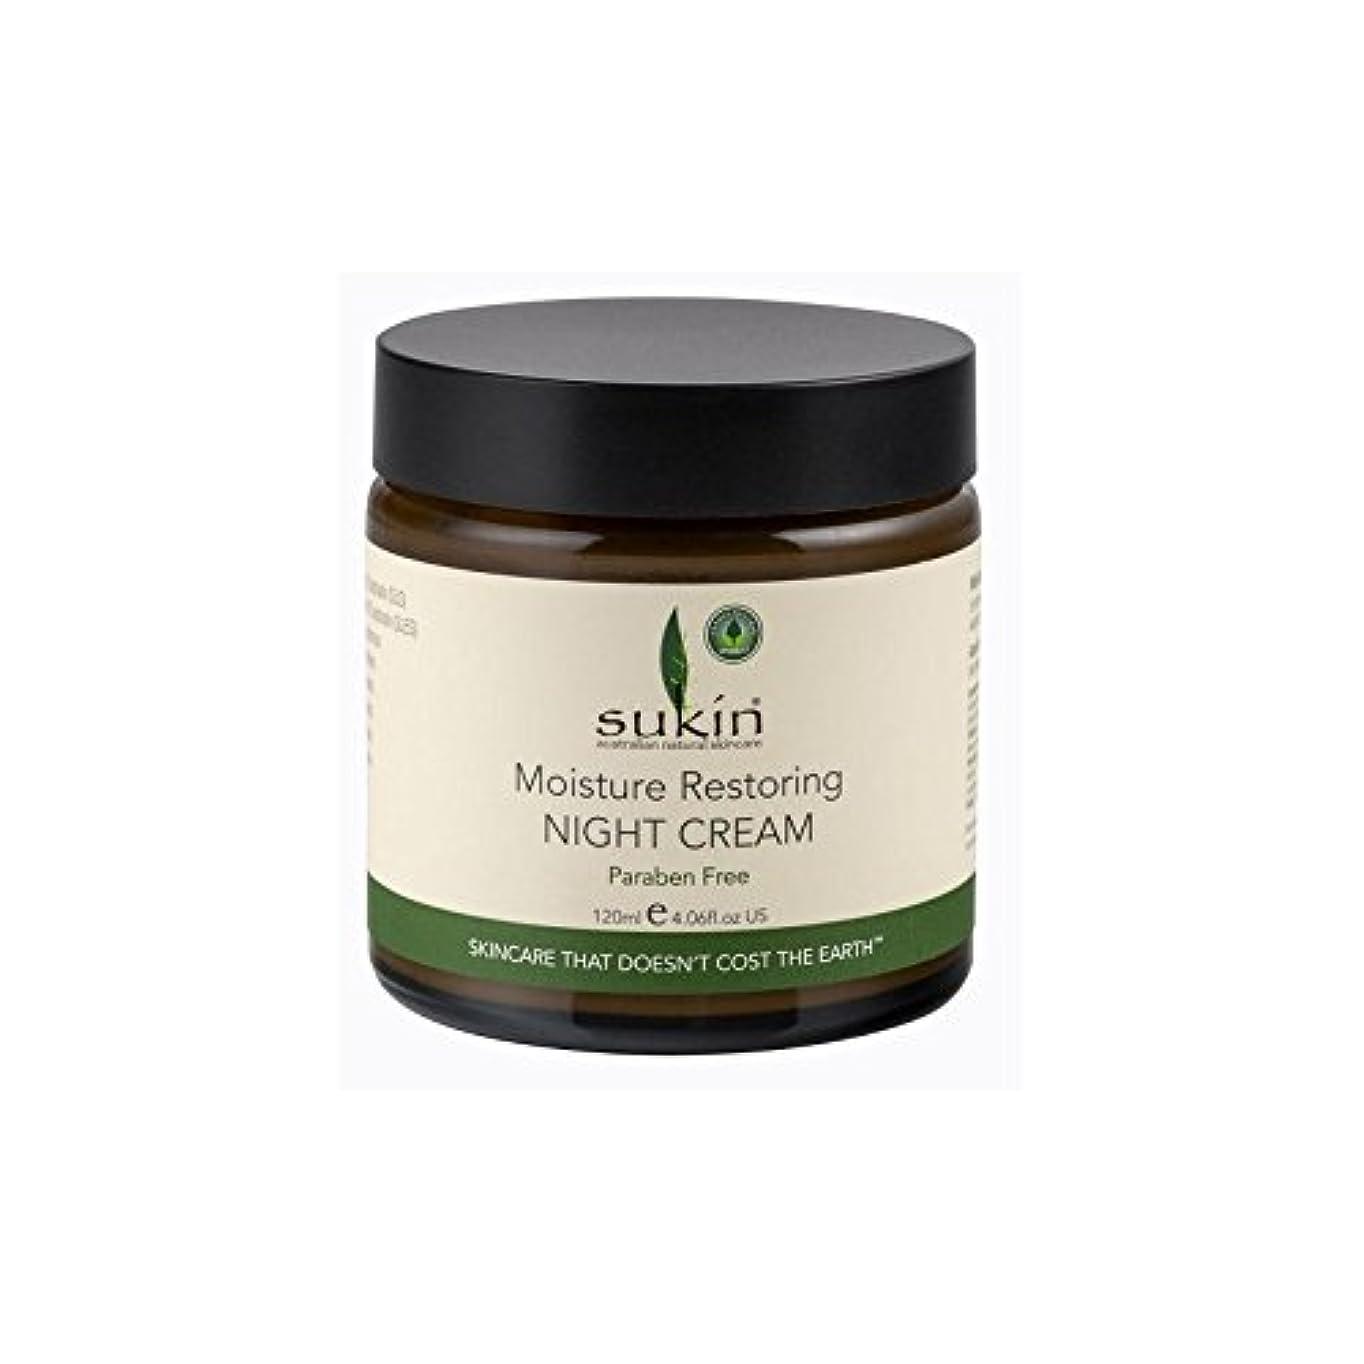 オートすべきライバルSukin Moisture Restoring Night Cream (120ml) - 水分復元ナイトクリーム(120ミリリットル) [並行輸入品]